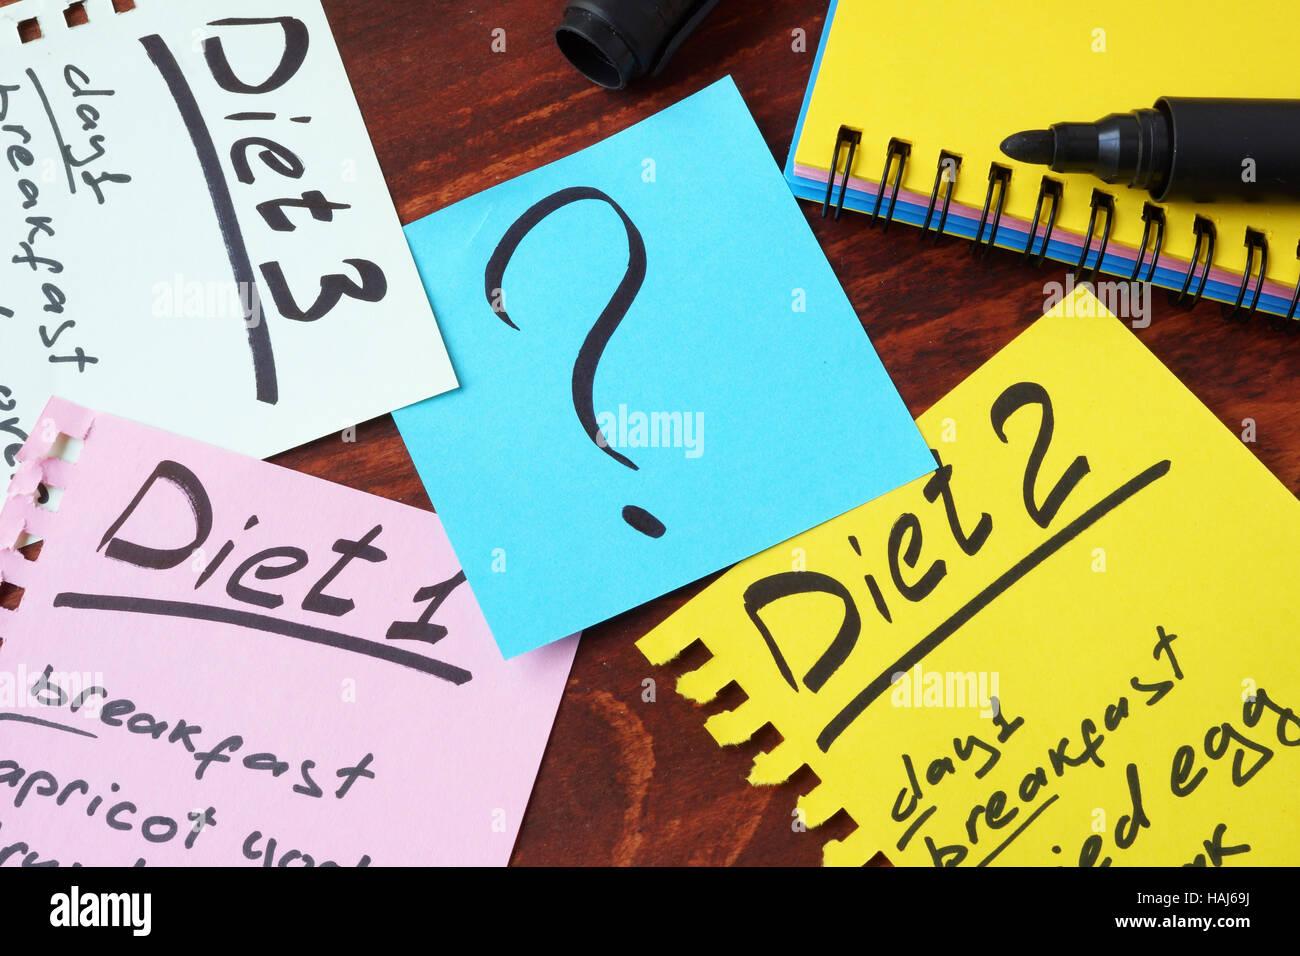 Diät-Pläne auf Seiten geschrieben. Gewicht-Verlust-Konzept. Stockbild